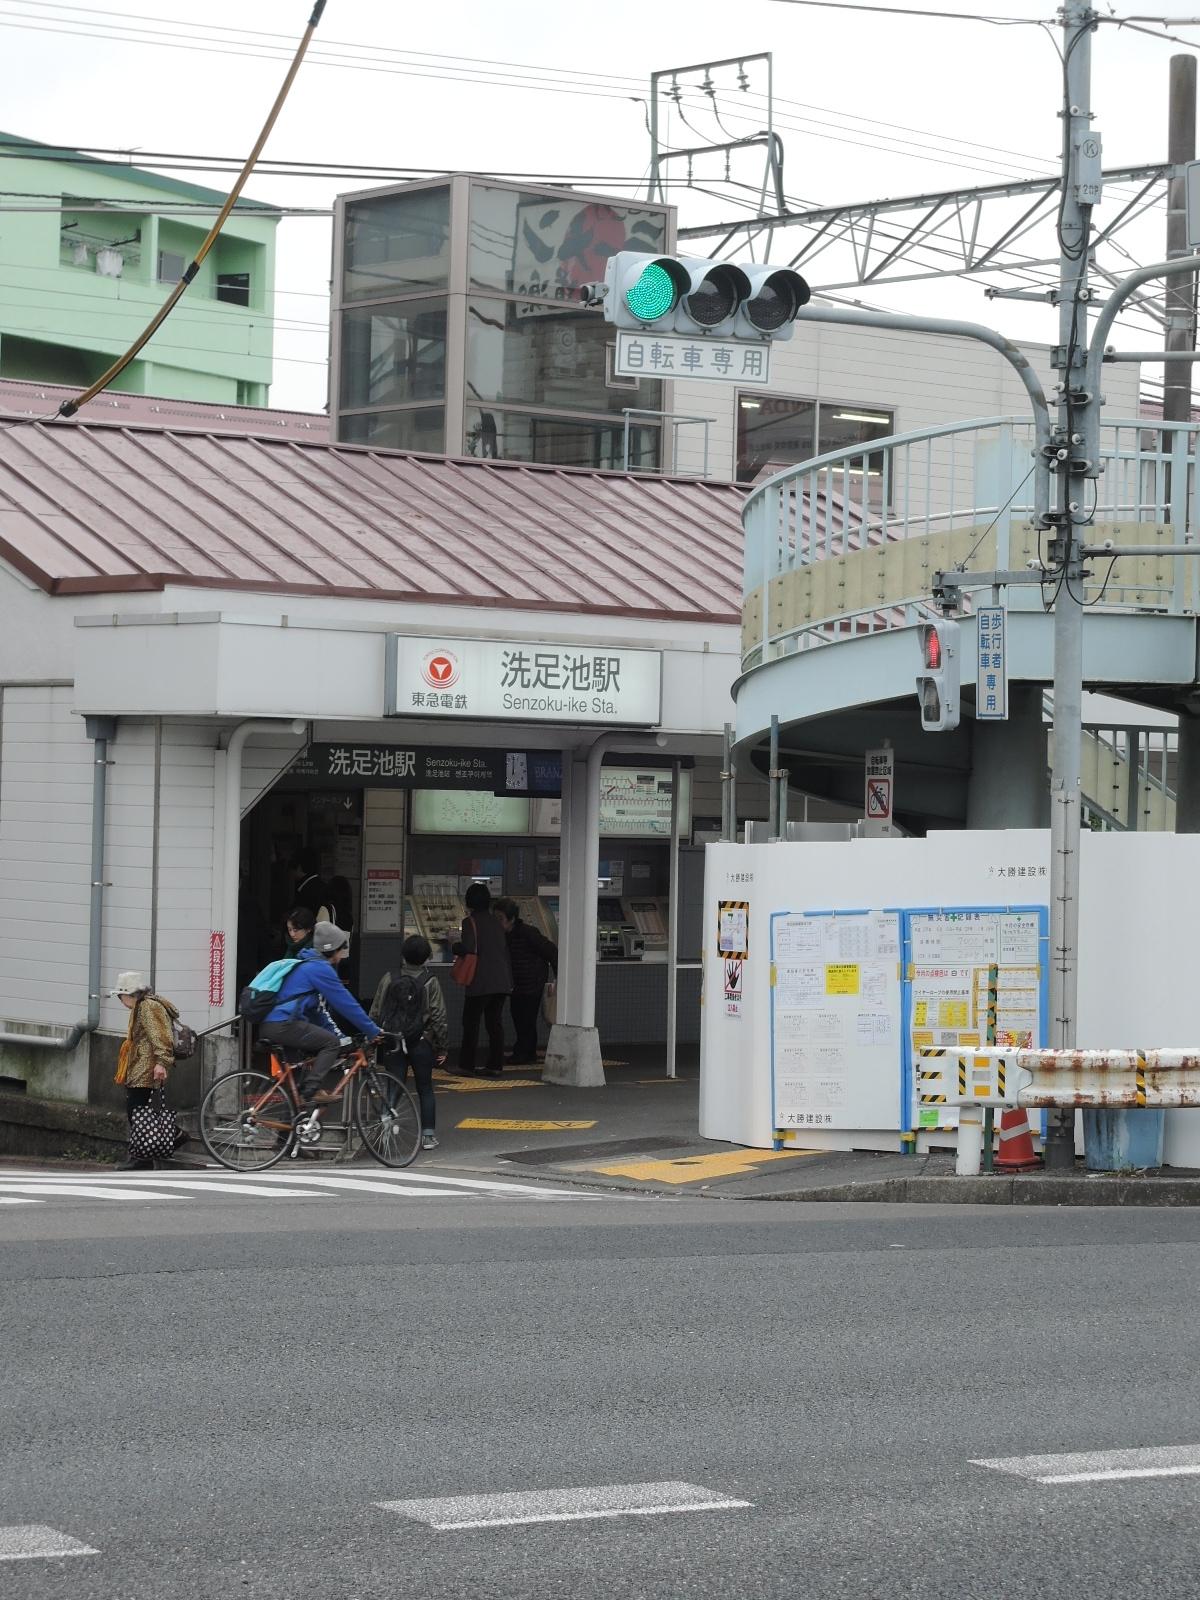 中原街道を渡れば「洗足池」駅です